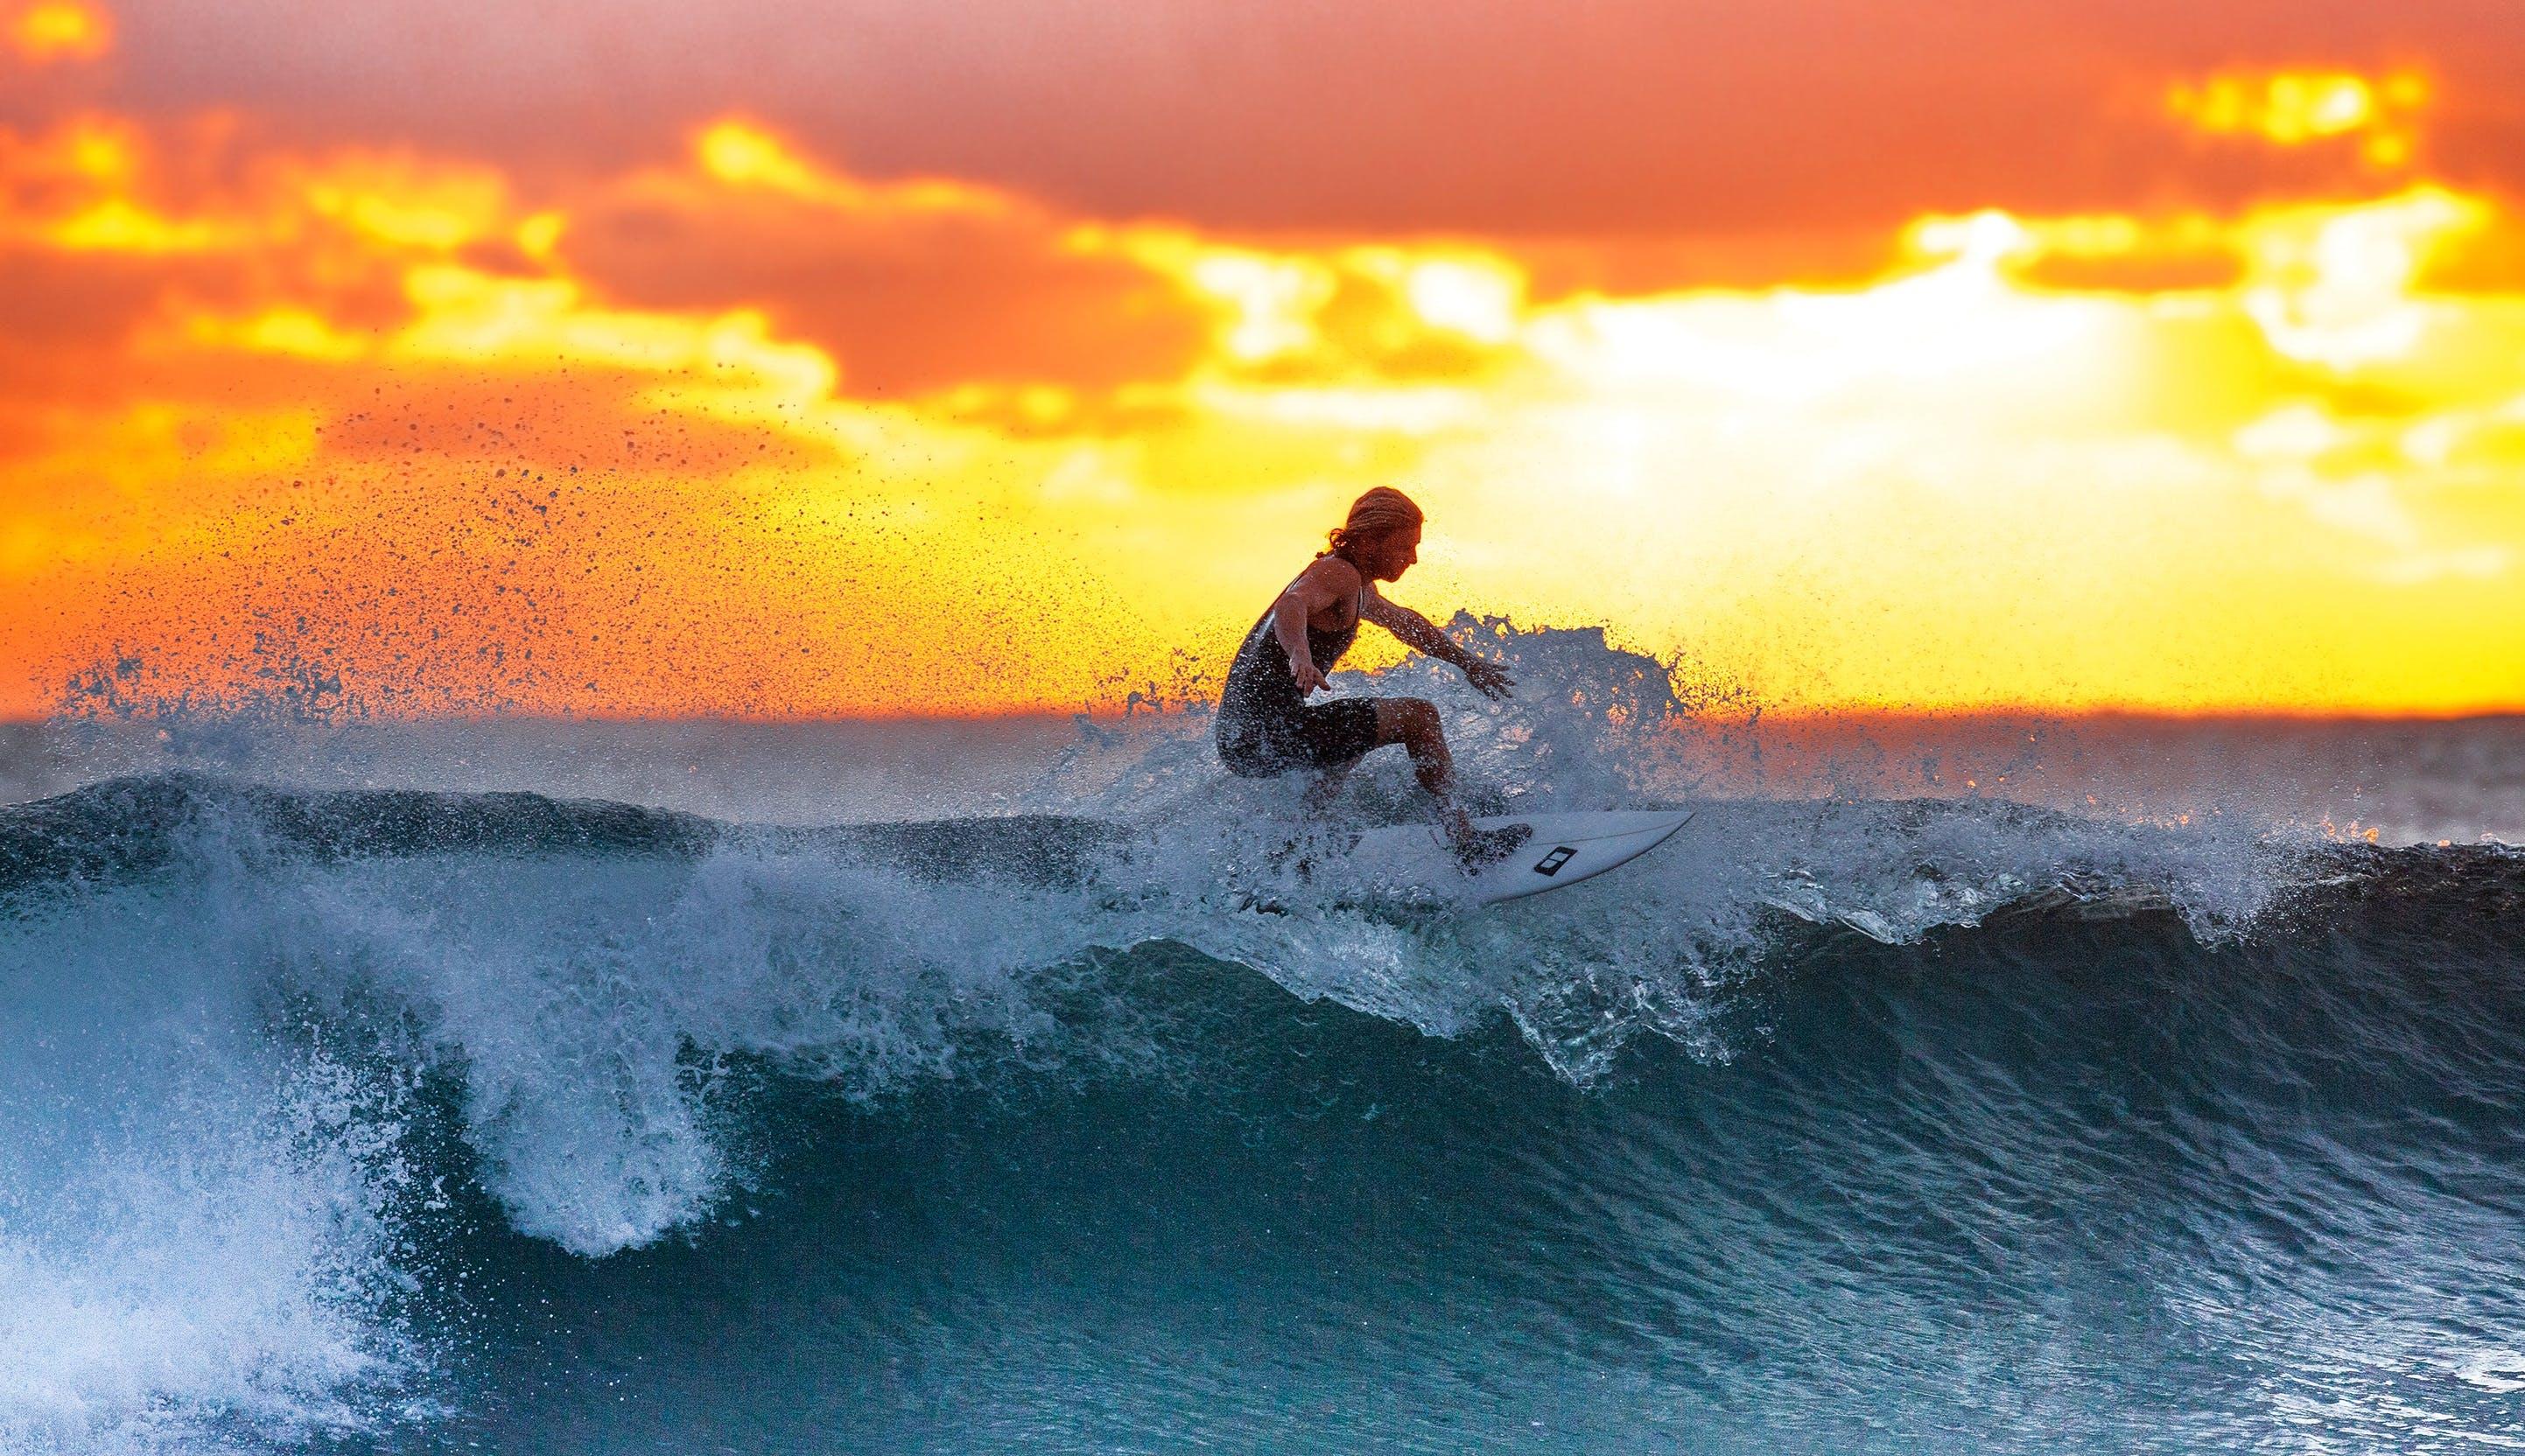 Δωρεάν στοκ φωτογραφιών με Surf, άθλημα, αναψυχή, άνδρας